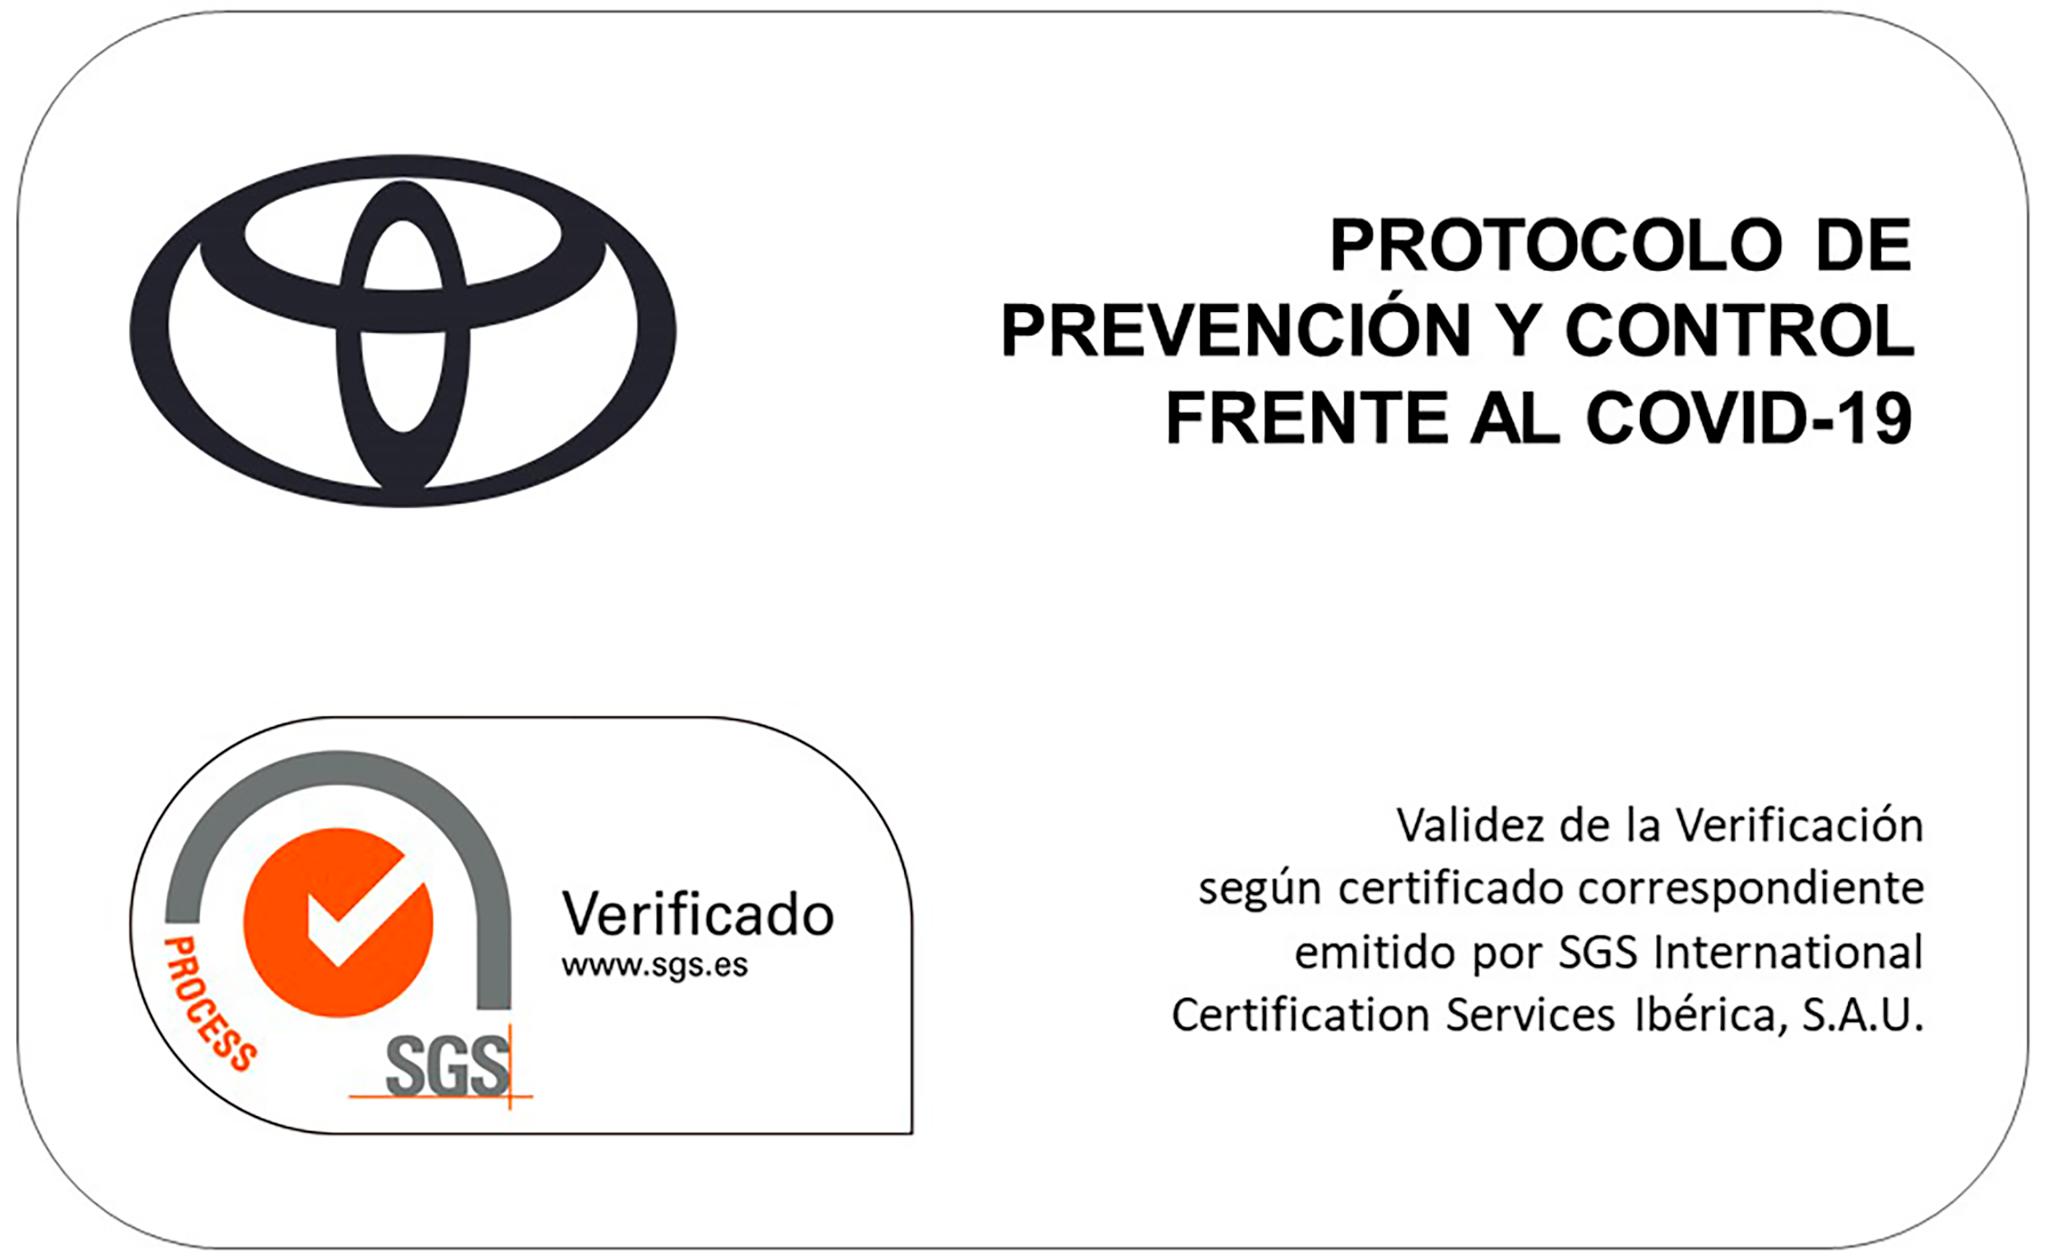 La Red Oficial de Concesionarios de Toyota España tiene el certificado cumplimiento de los protocolos de prevención y control de infecciones por coronavirus COVID -19